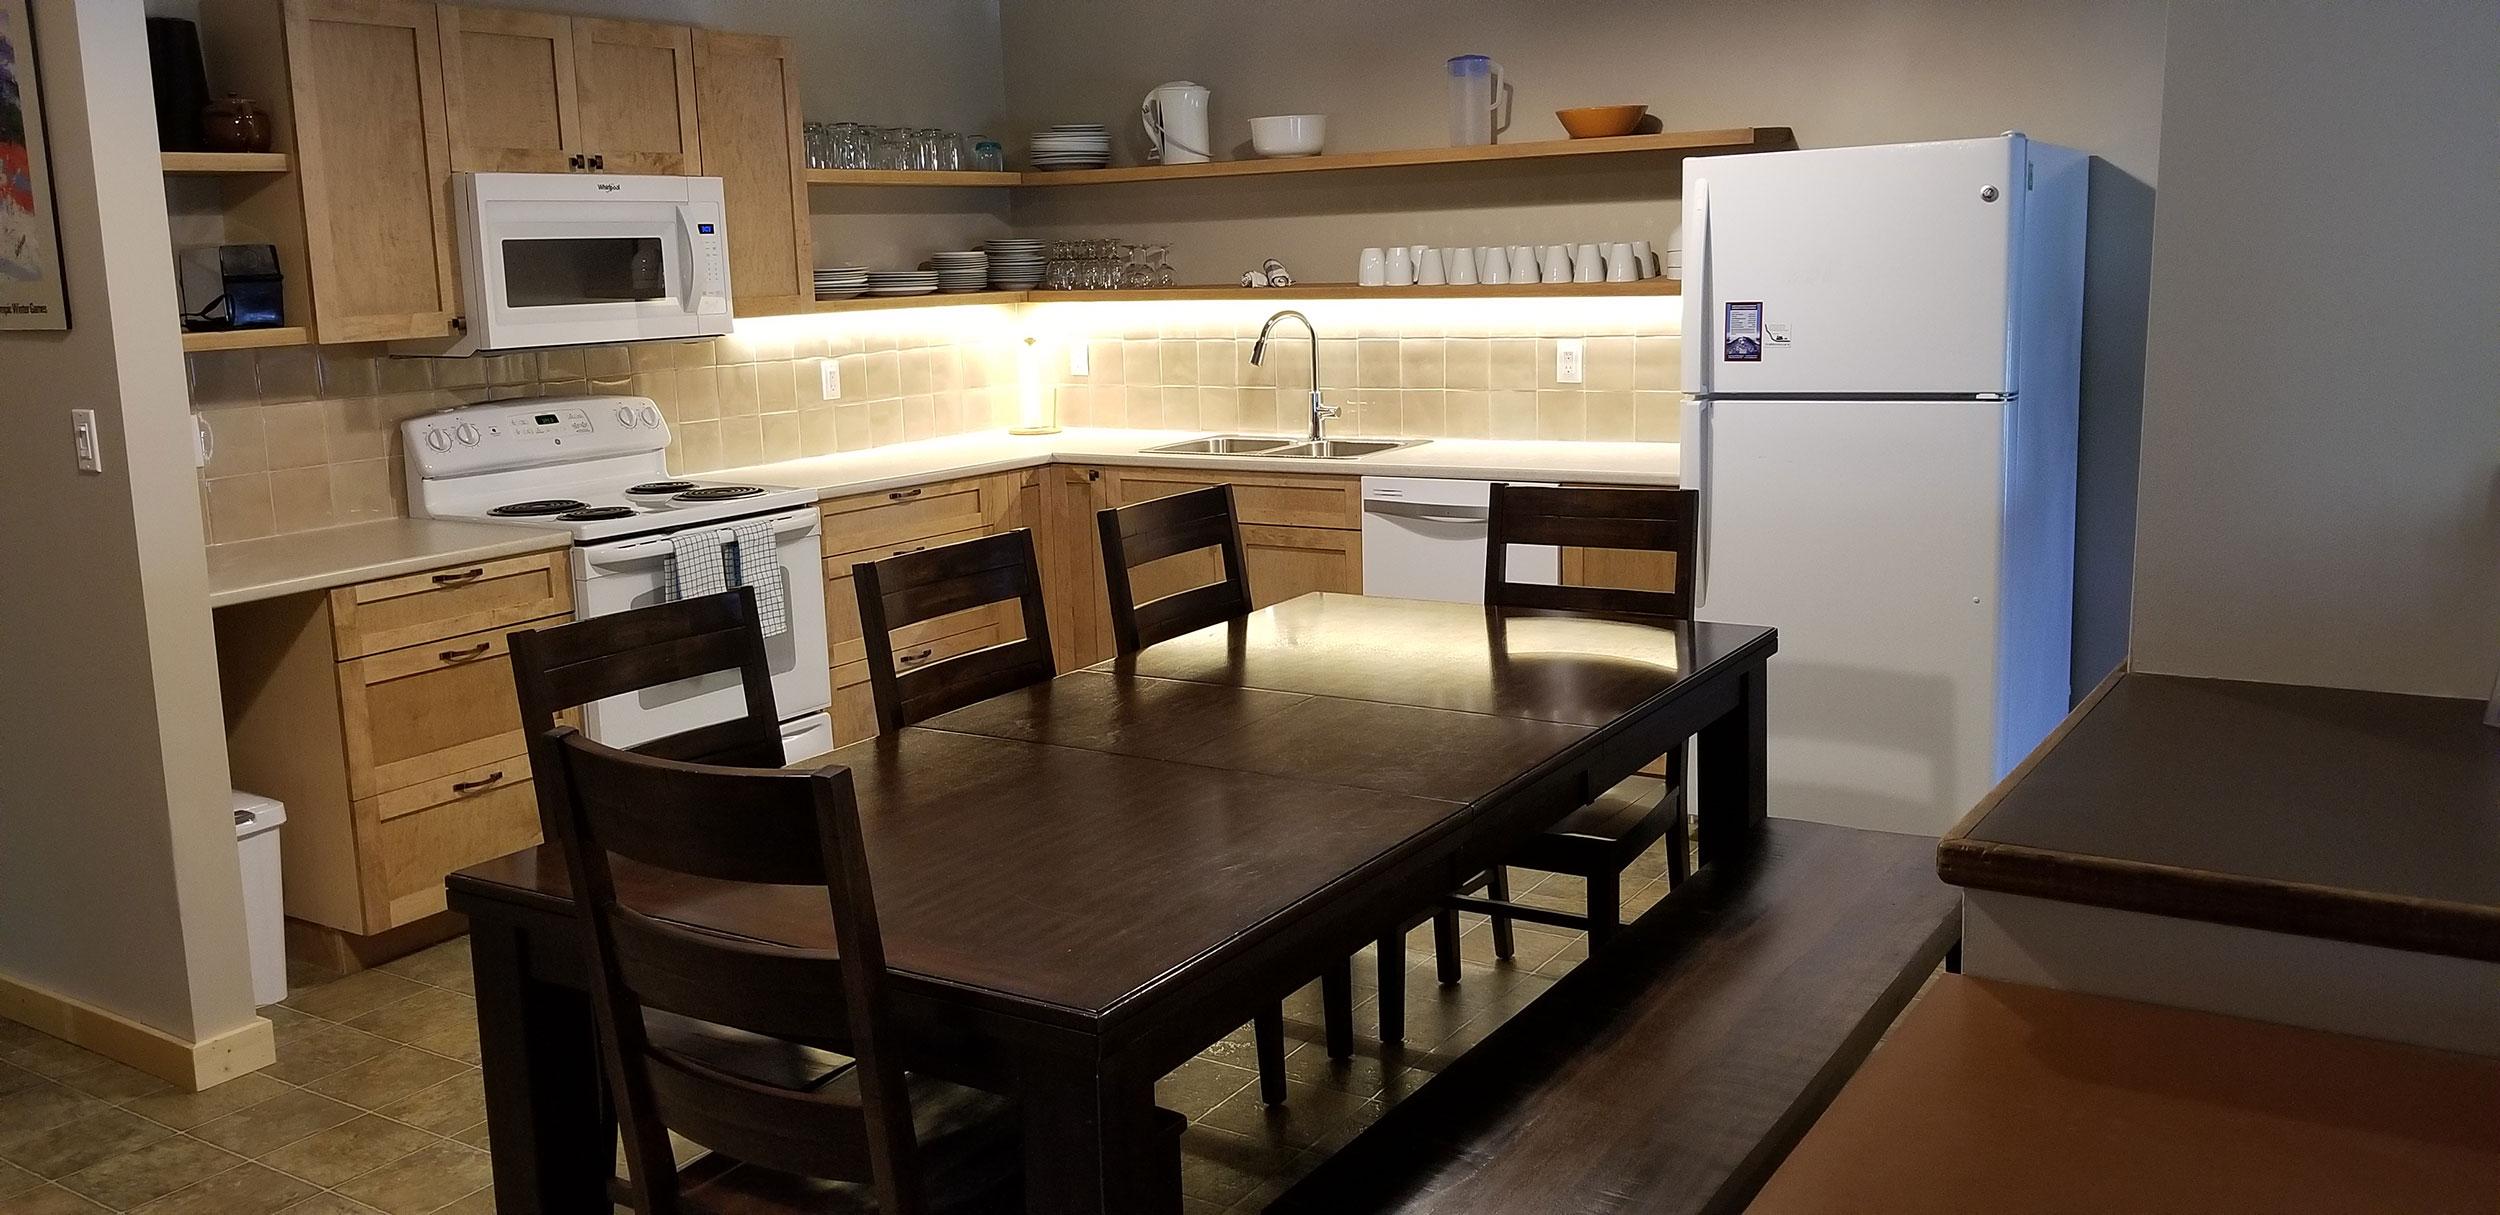 C54_Kitchen-(1).jpg